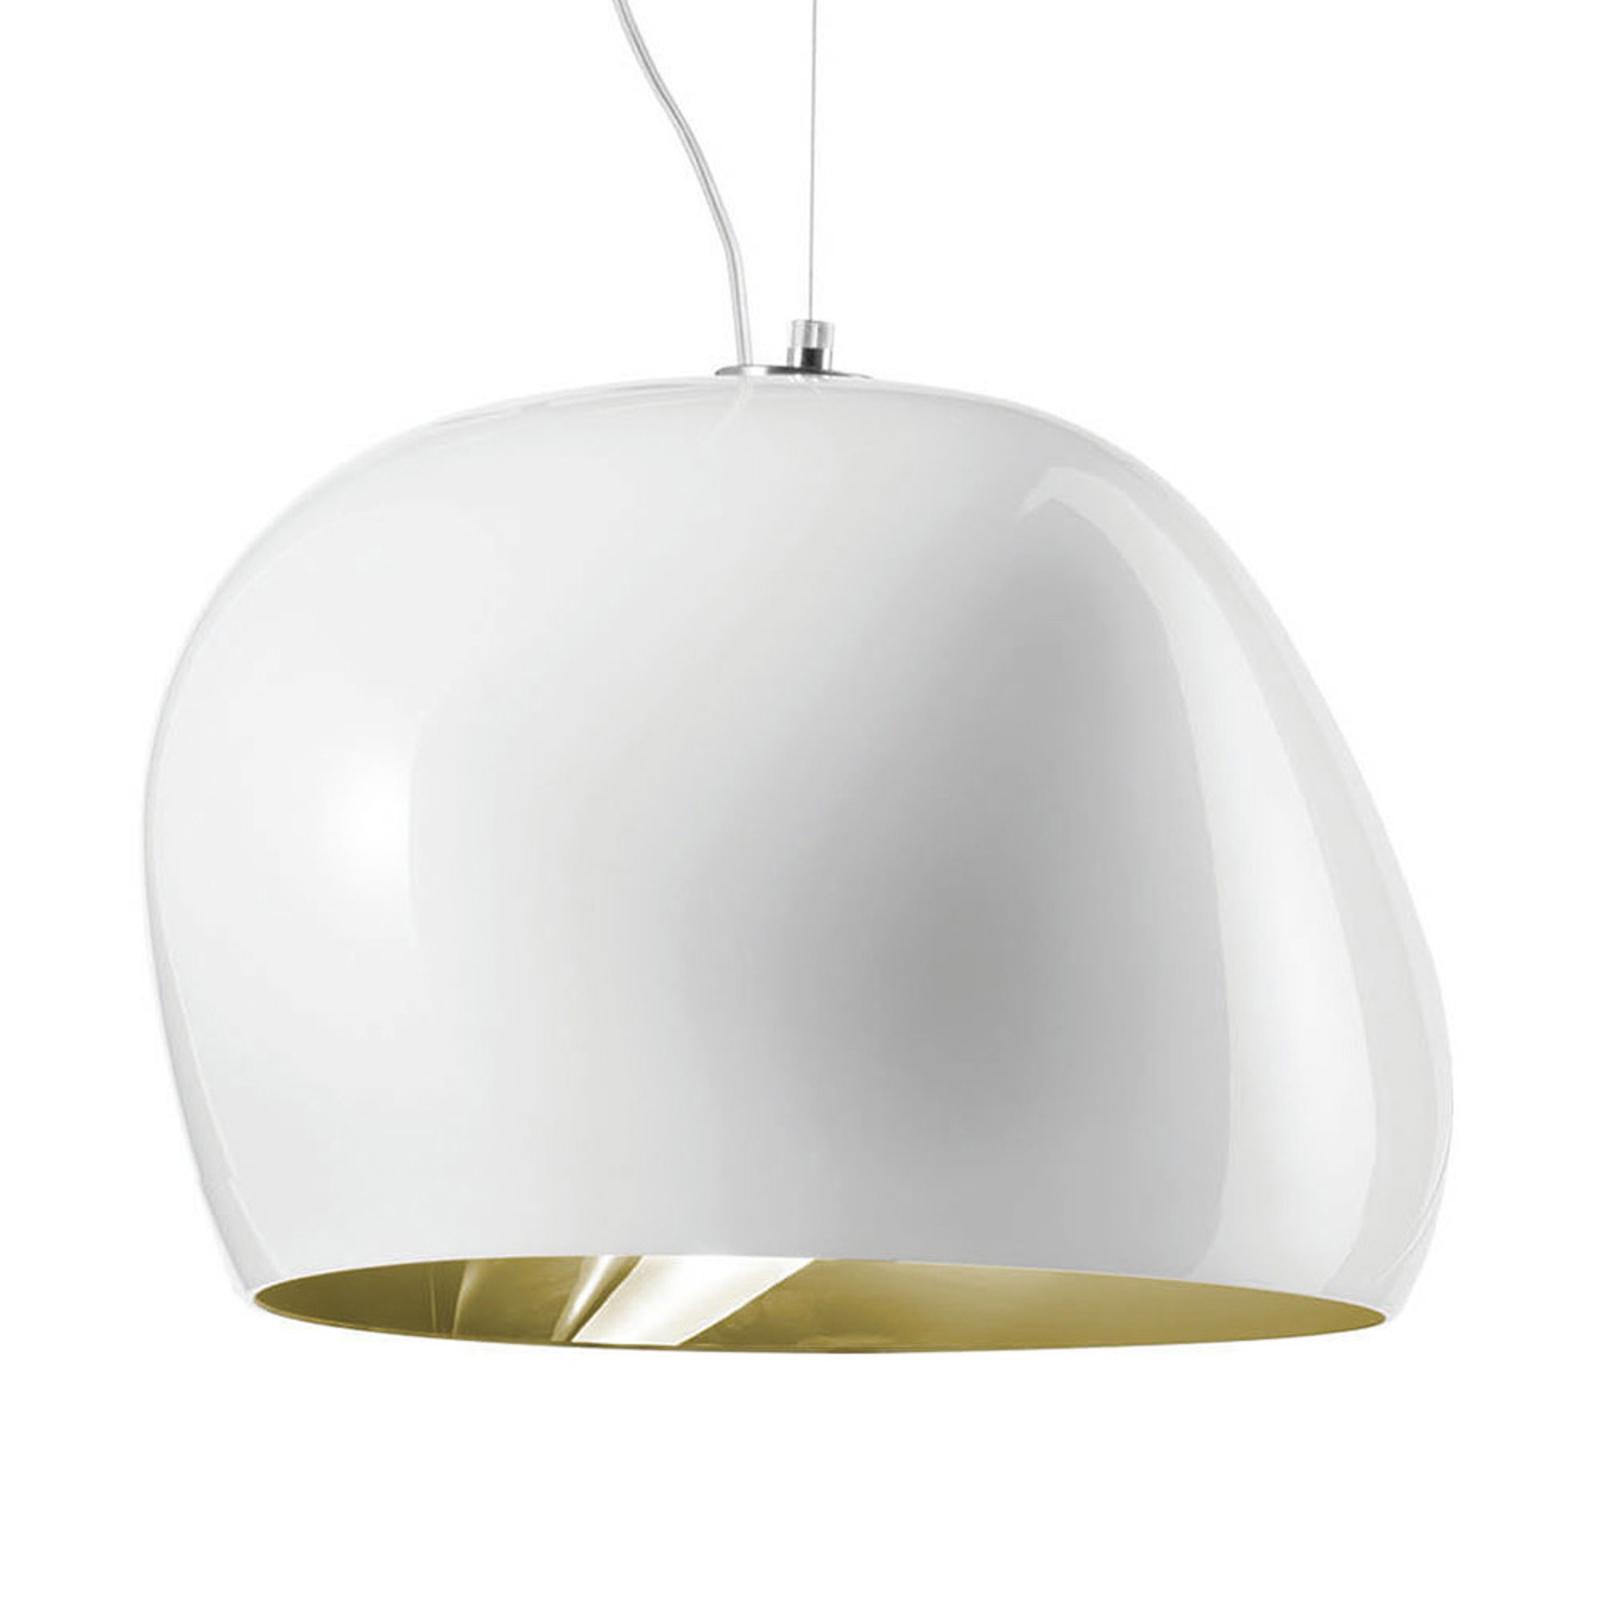 Suspension Surface Ø 40cm, E27, blanc/vieux vert